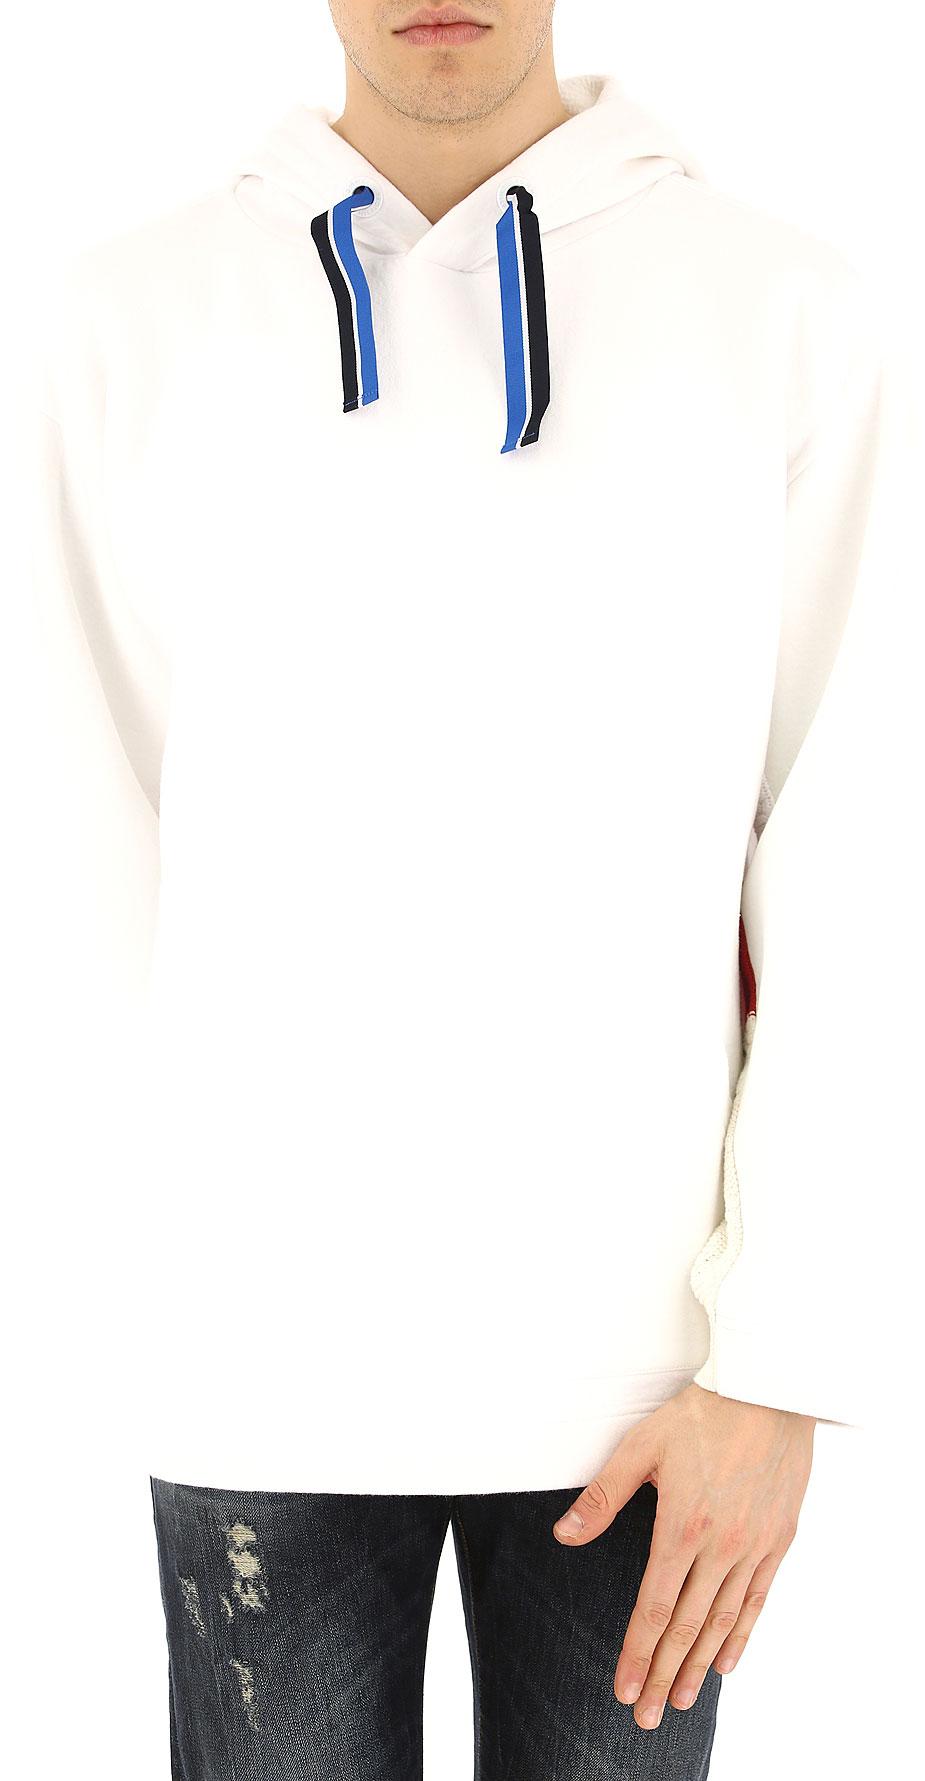 Abbigliamento Uomo Tommy Hilfiger, Codice Articolo: mw0mw06253-100-